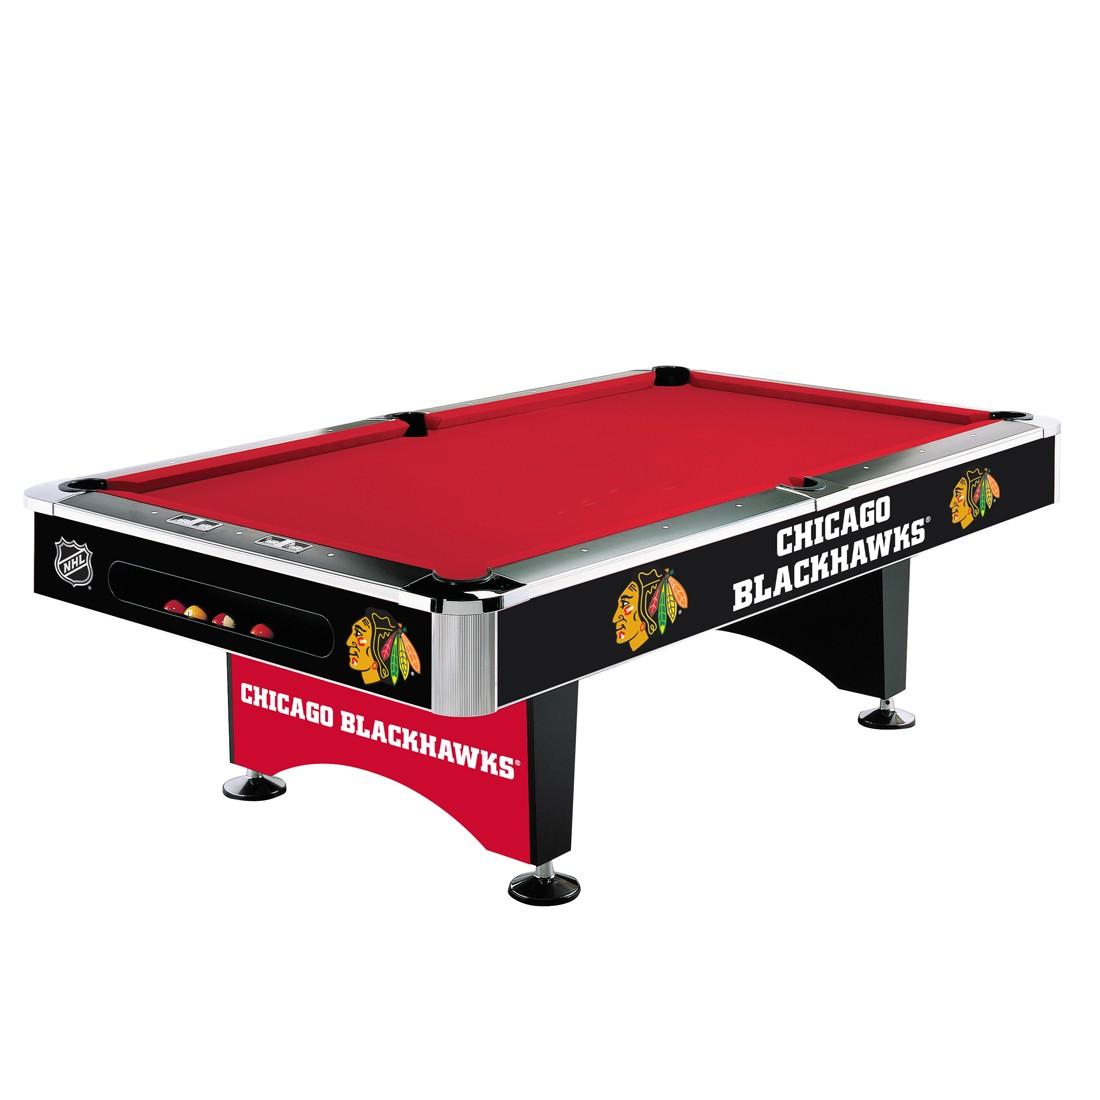 CHICAGO BLACKHAWKS® 8-FT. POOL TABLE